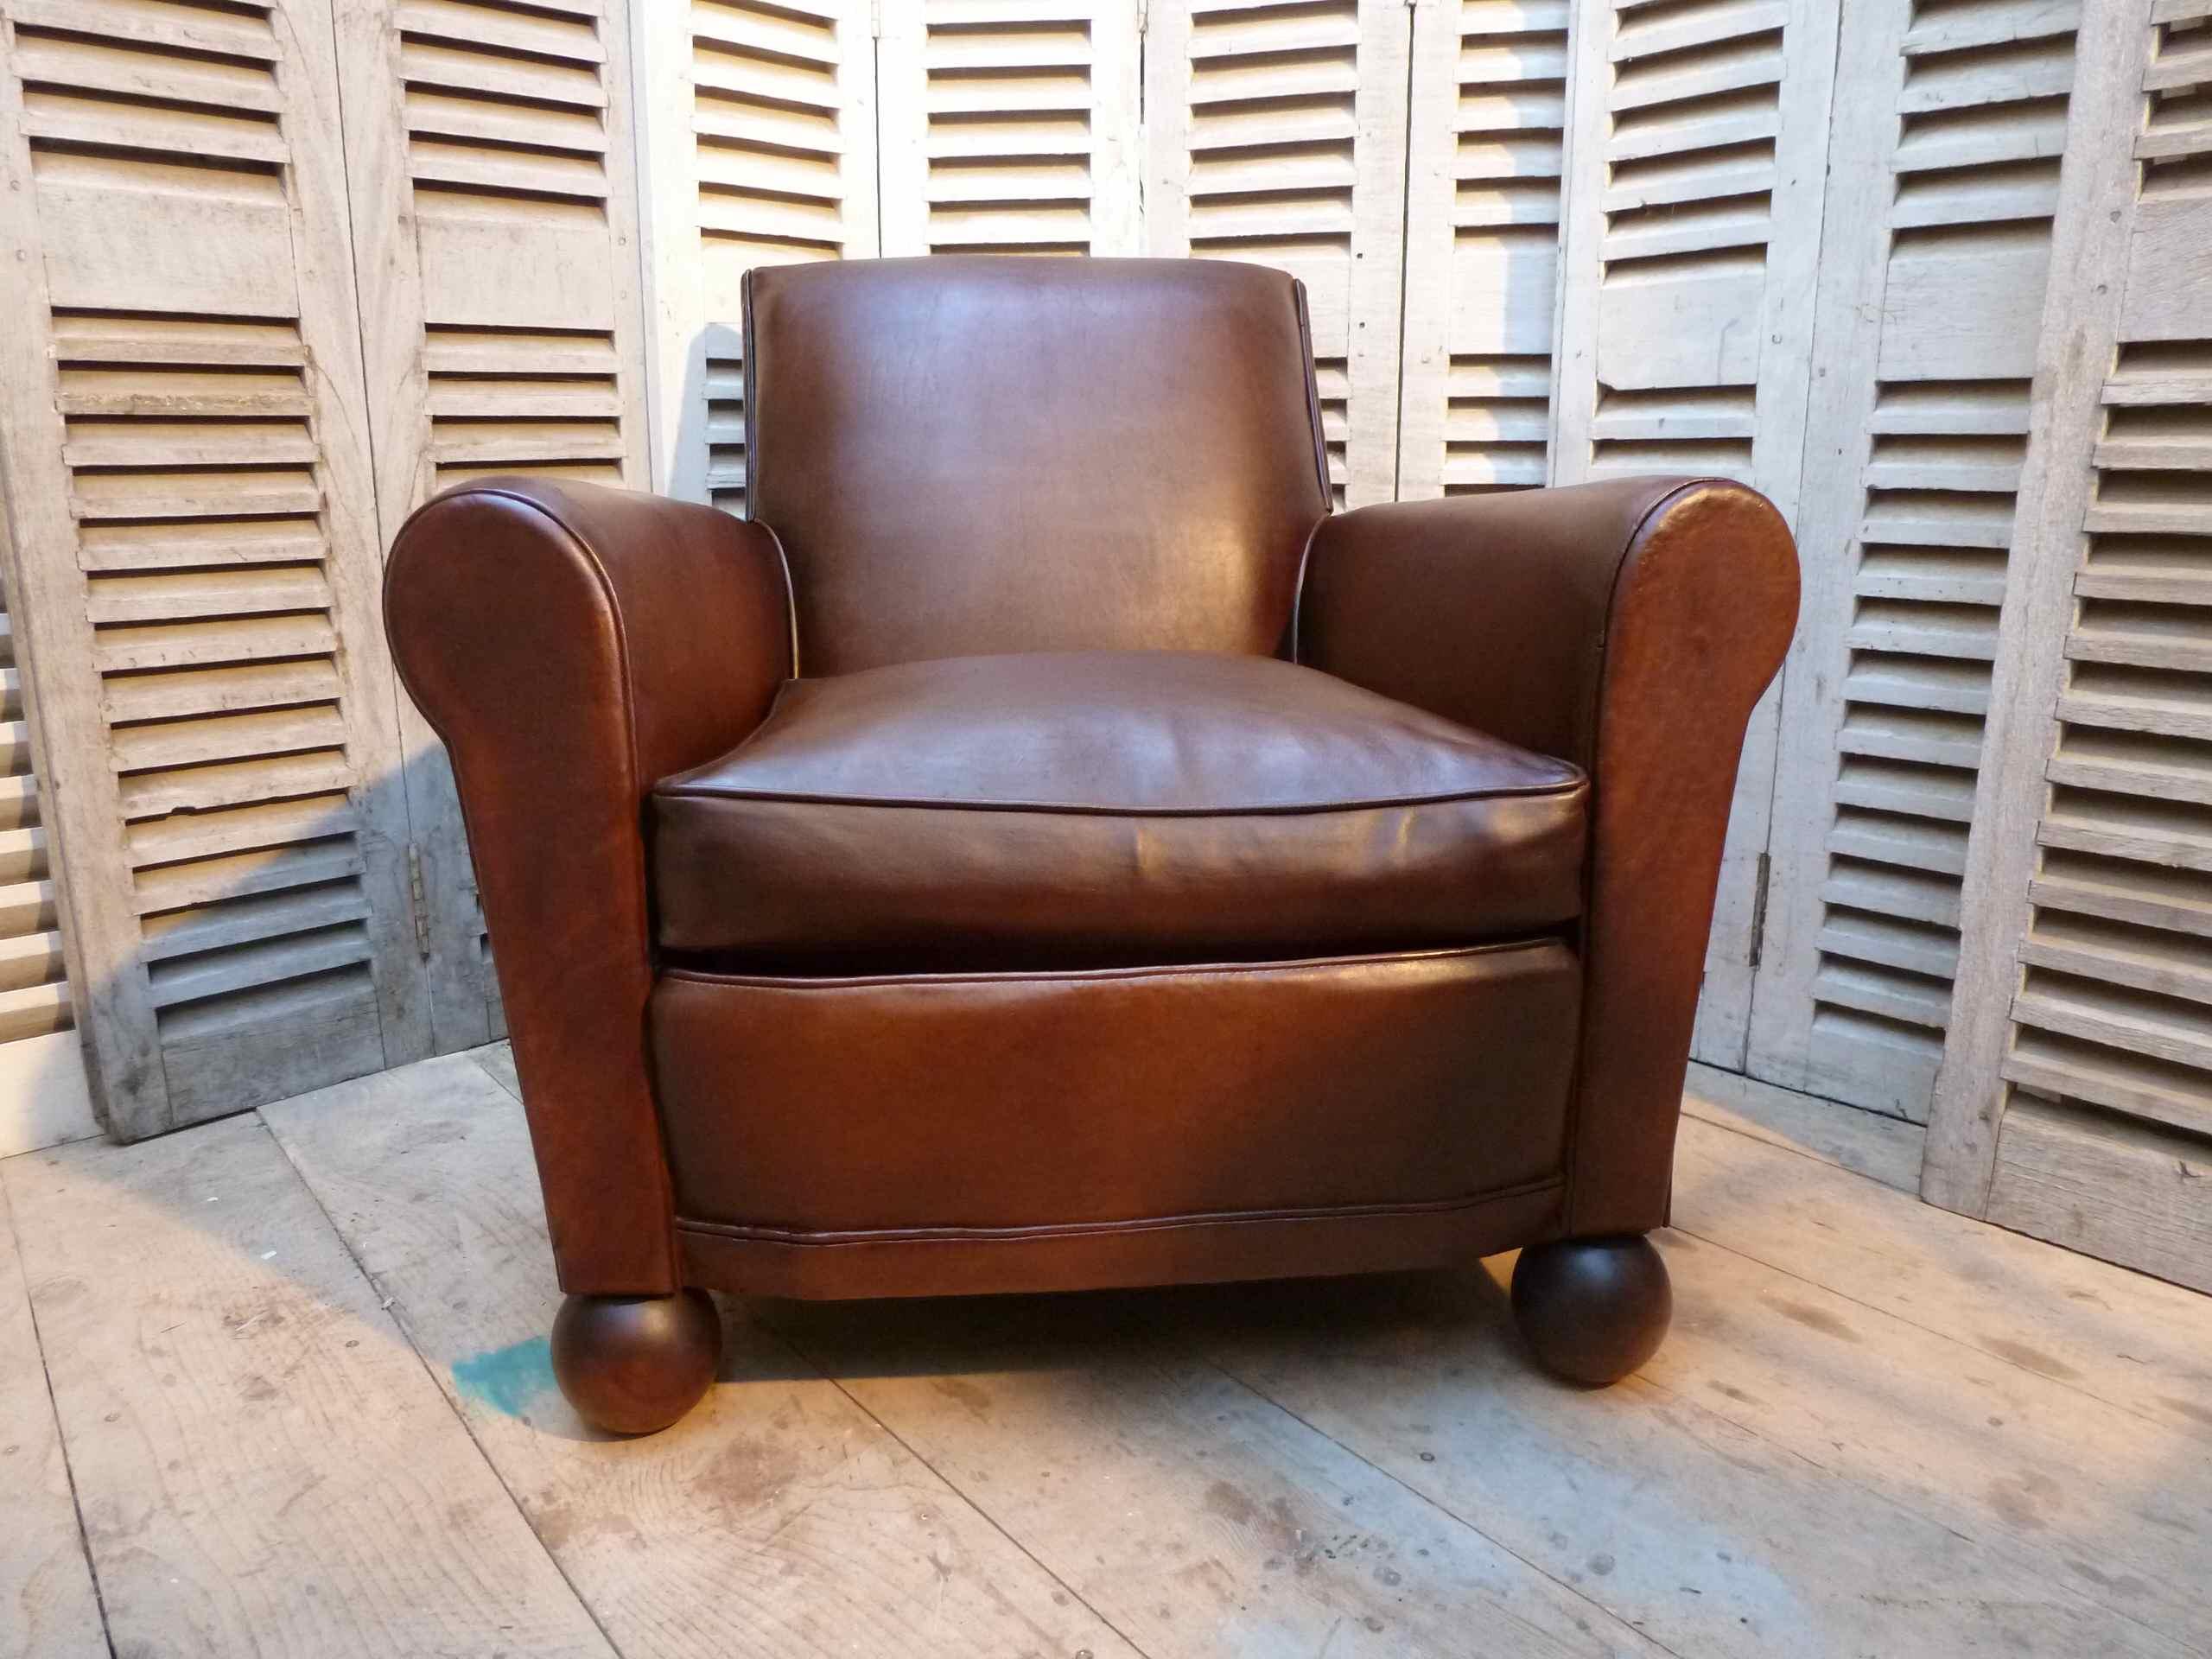 petit fauteuil club dossier droit madebymed fauteuil club restauration traditionnelle de. Black Bedroom Furniture Sets. Home Design Ideas